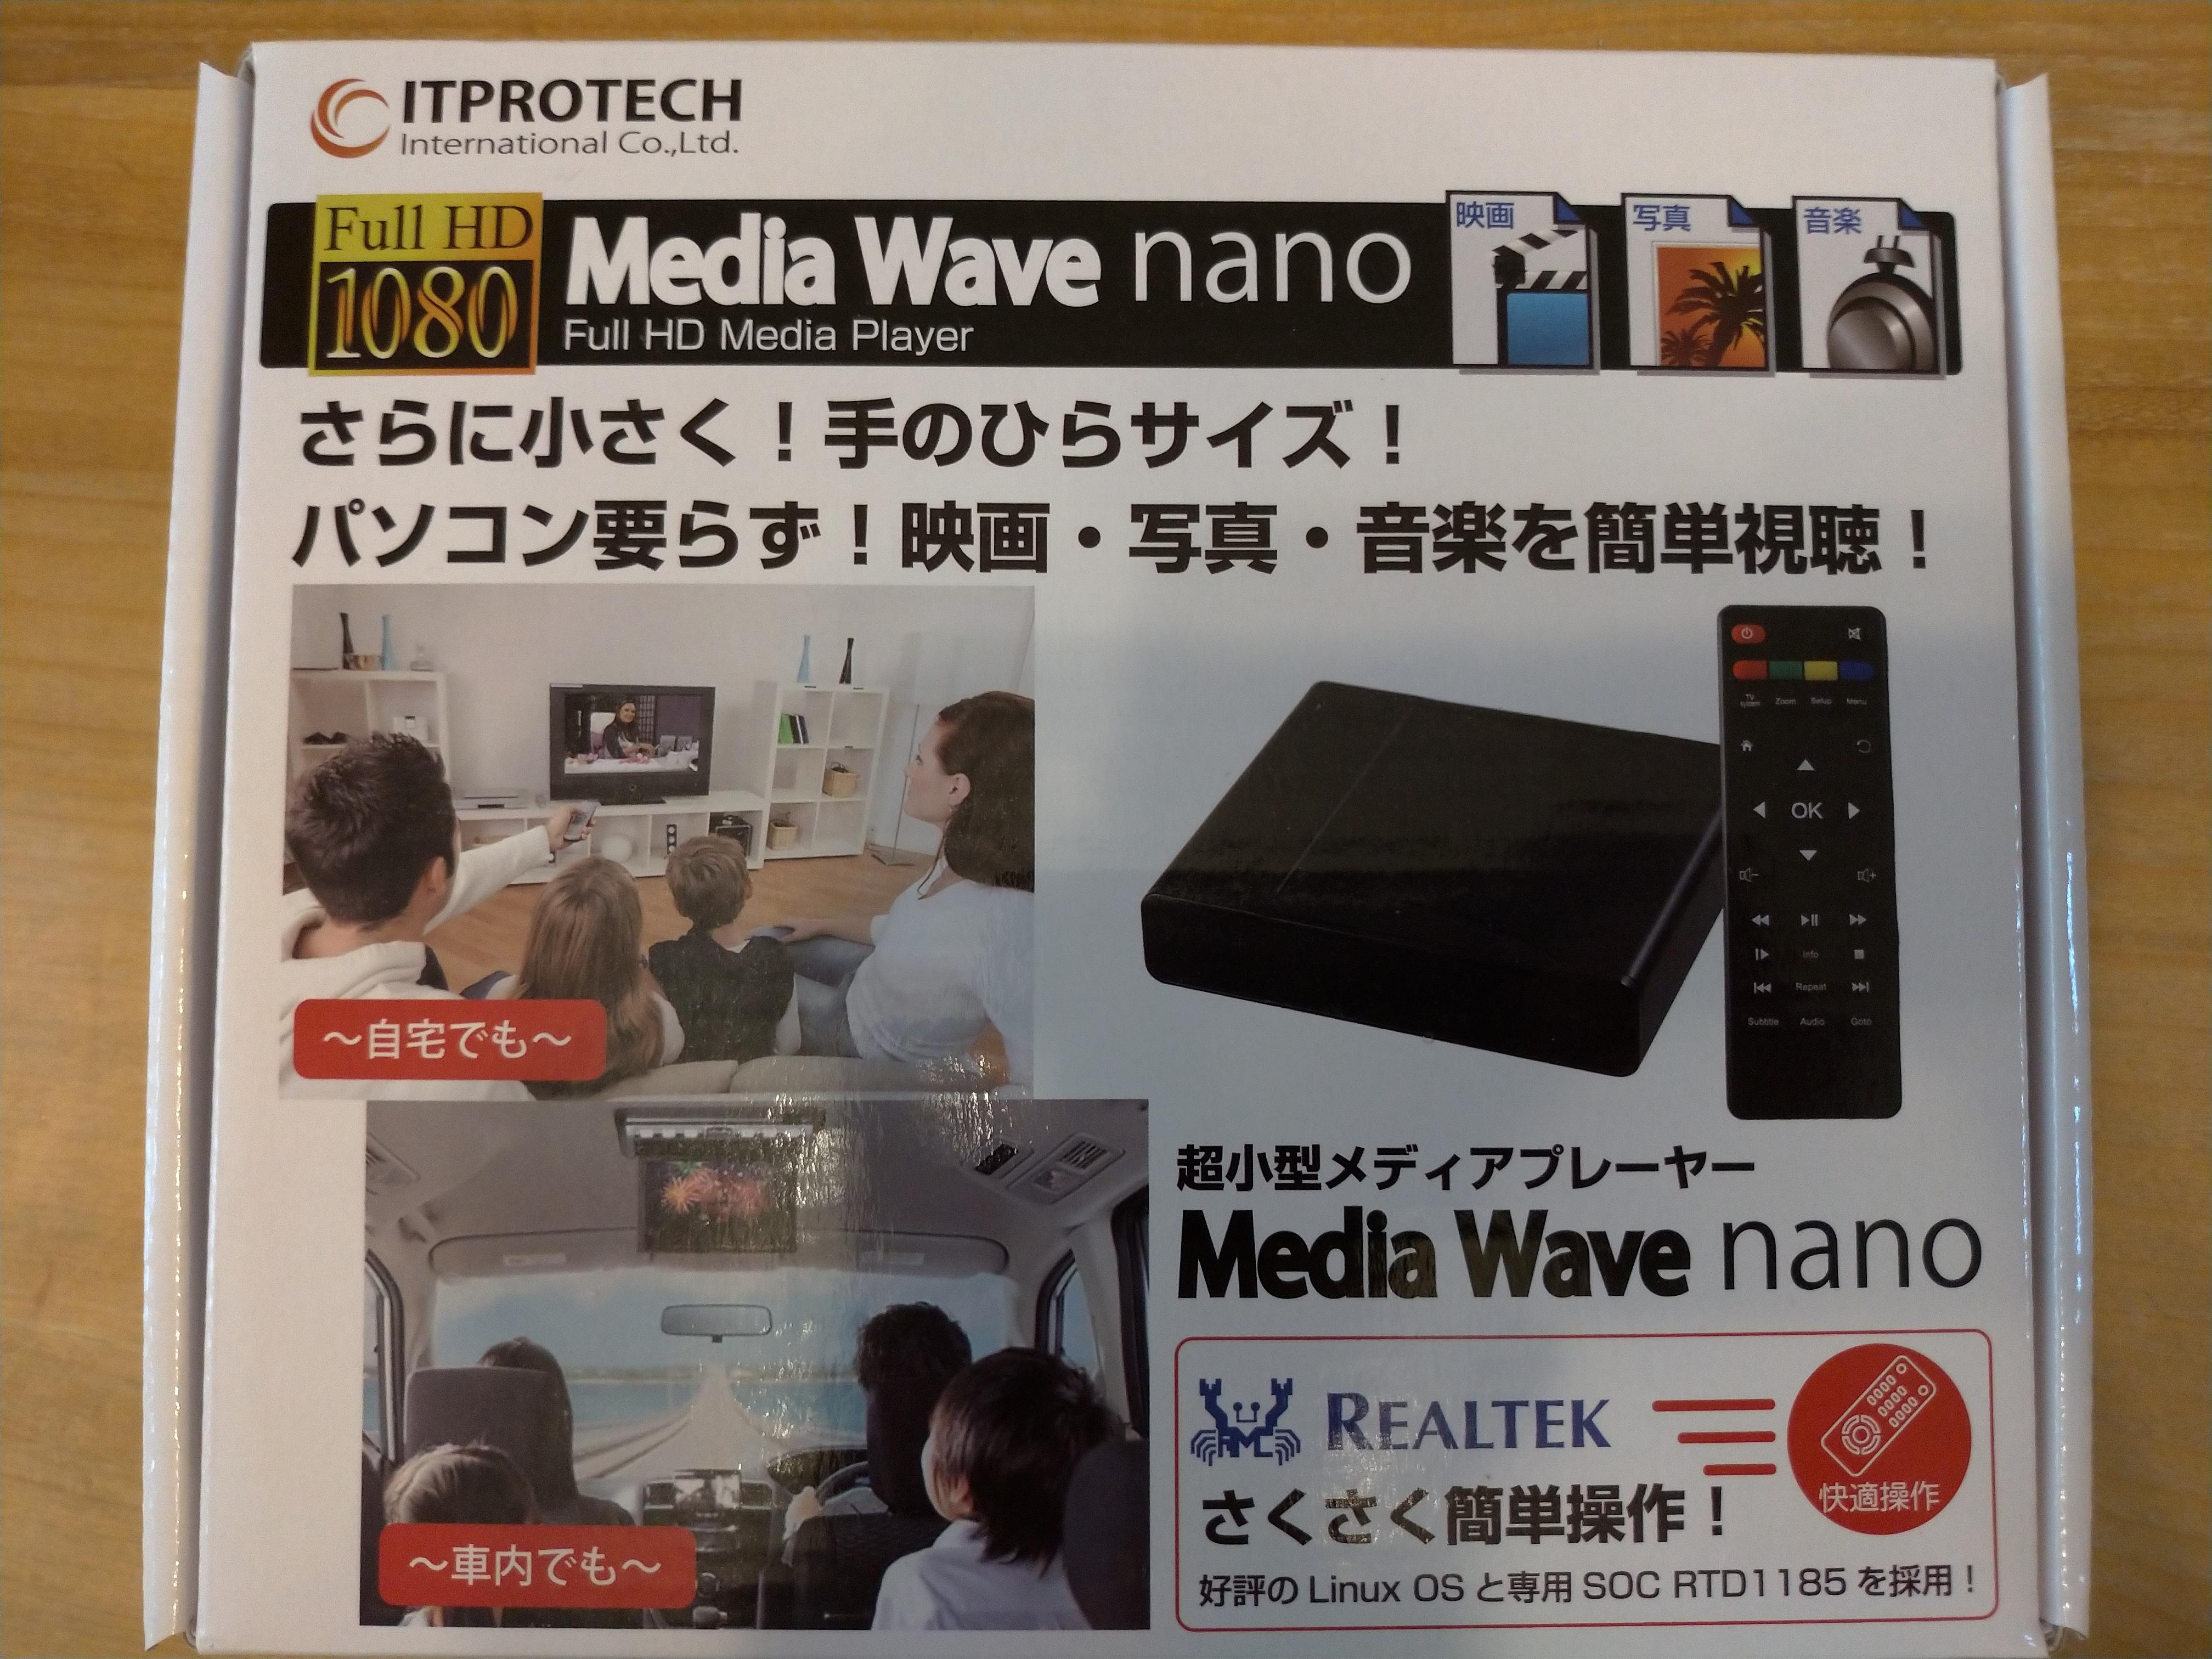 PCいらずで大型テレビやプロジェクターで動画を見せられる「Media Wave nano」が素晴らしい♪